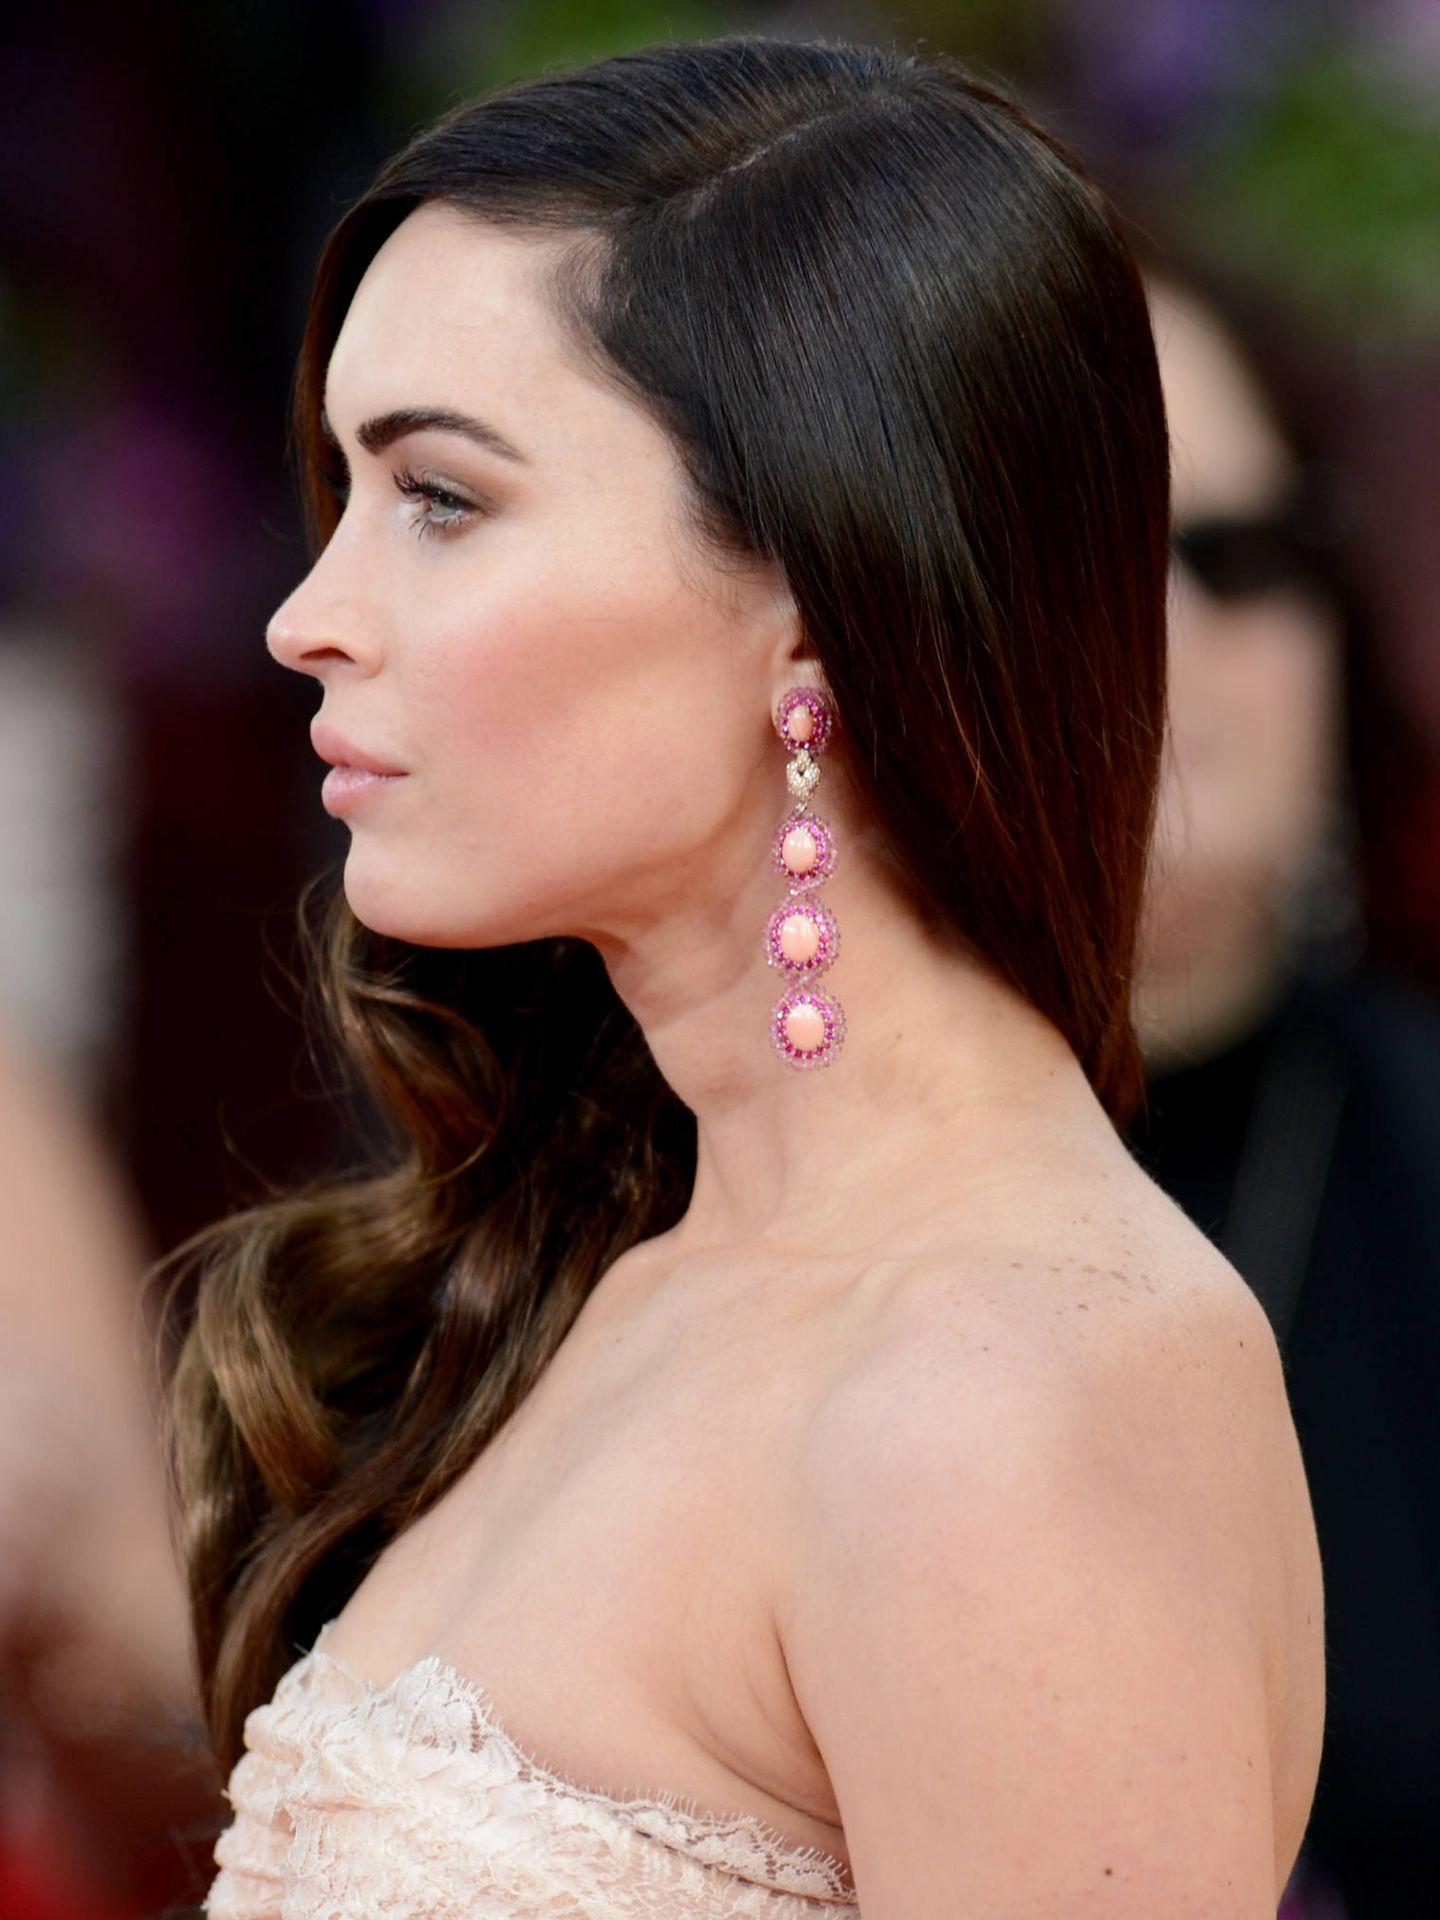 Detalle del perfil de Megan Fox en los Globos de Oro de 2012. (Getty)